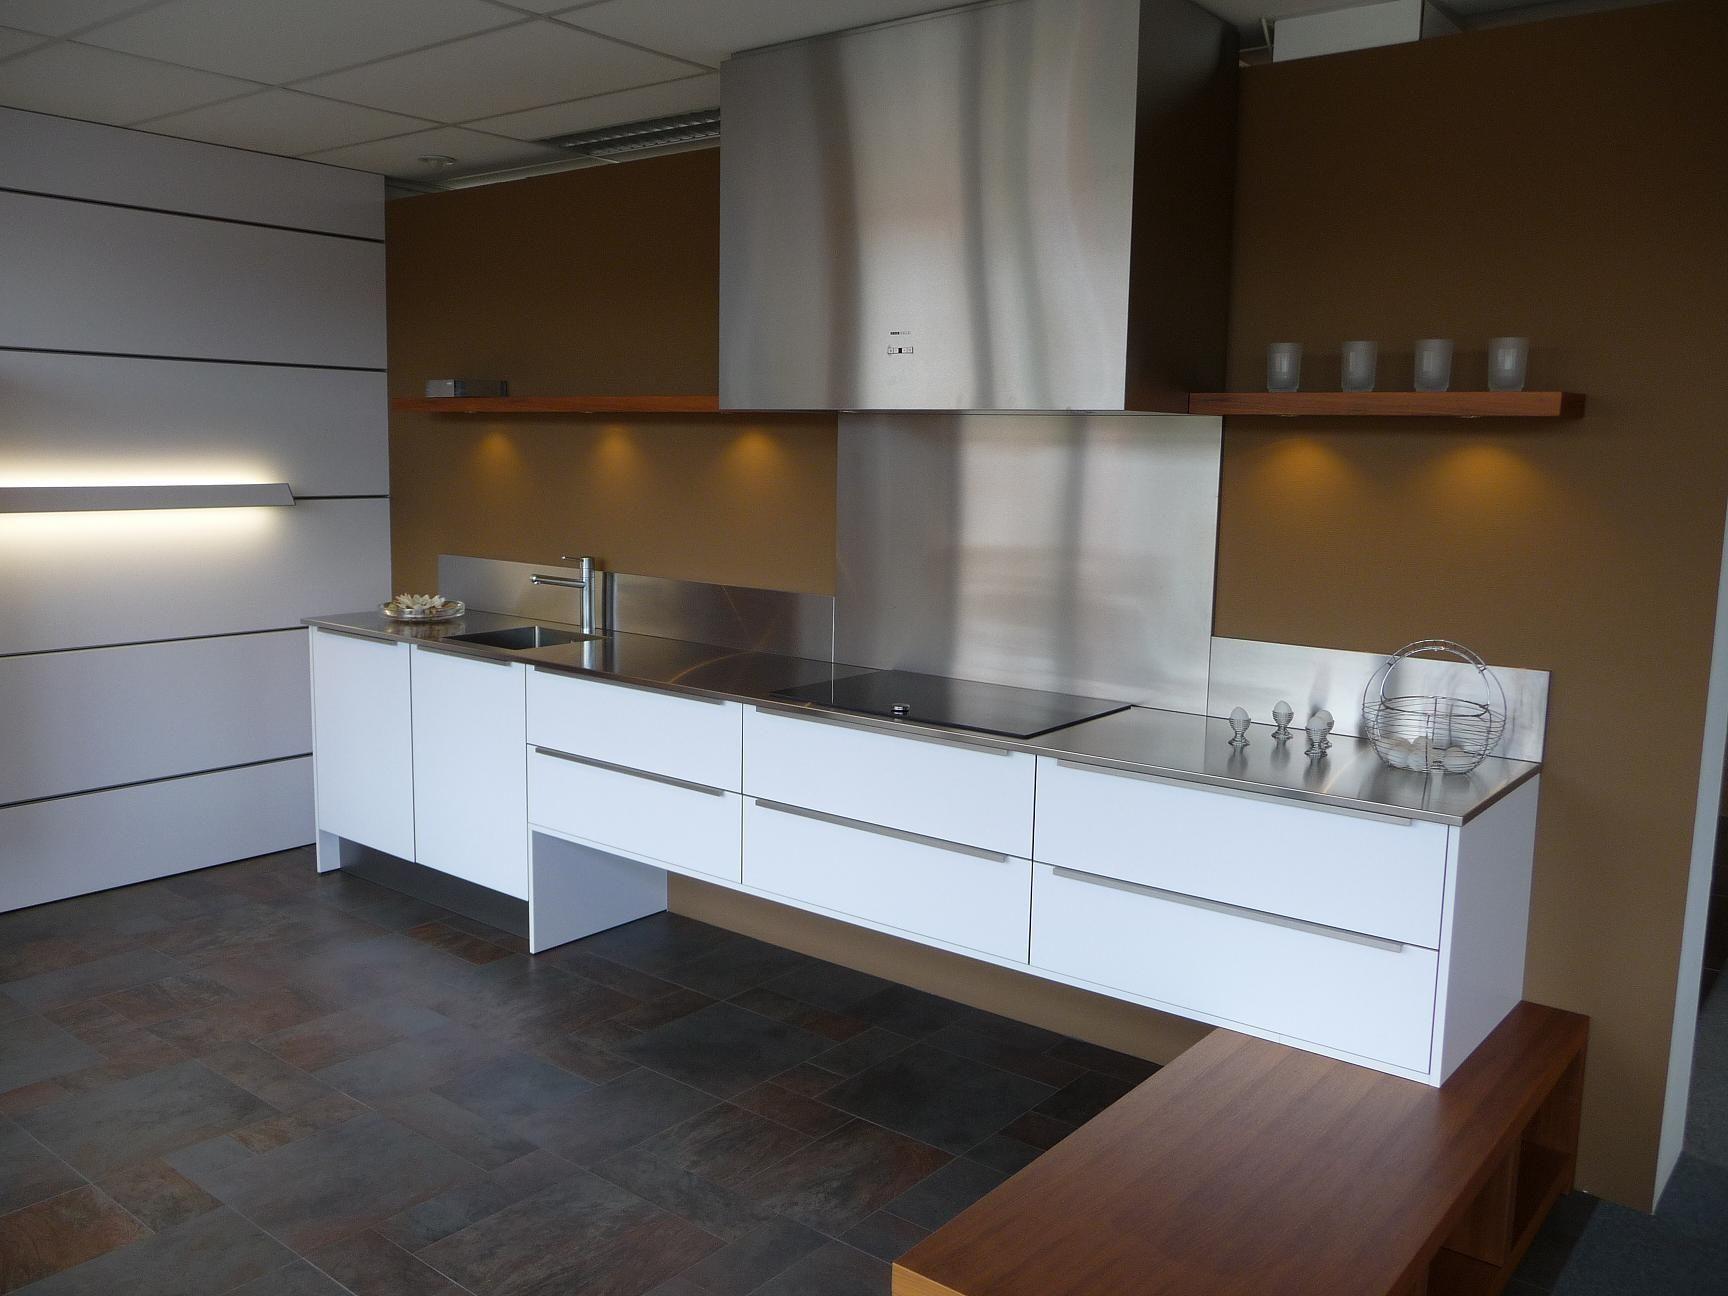 Keukenprijs altijd de beste keukenprijs eggersmann vrijhangende keuken 22245 - De beste hedendaagse keukens ...